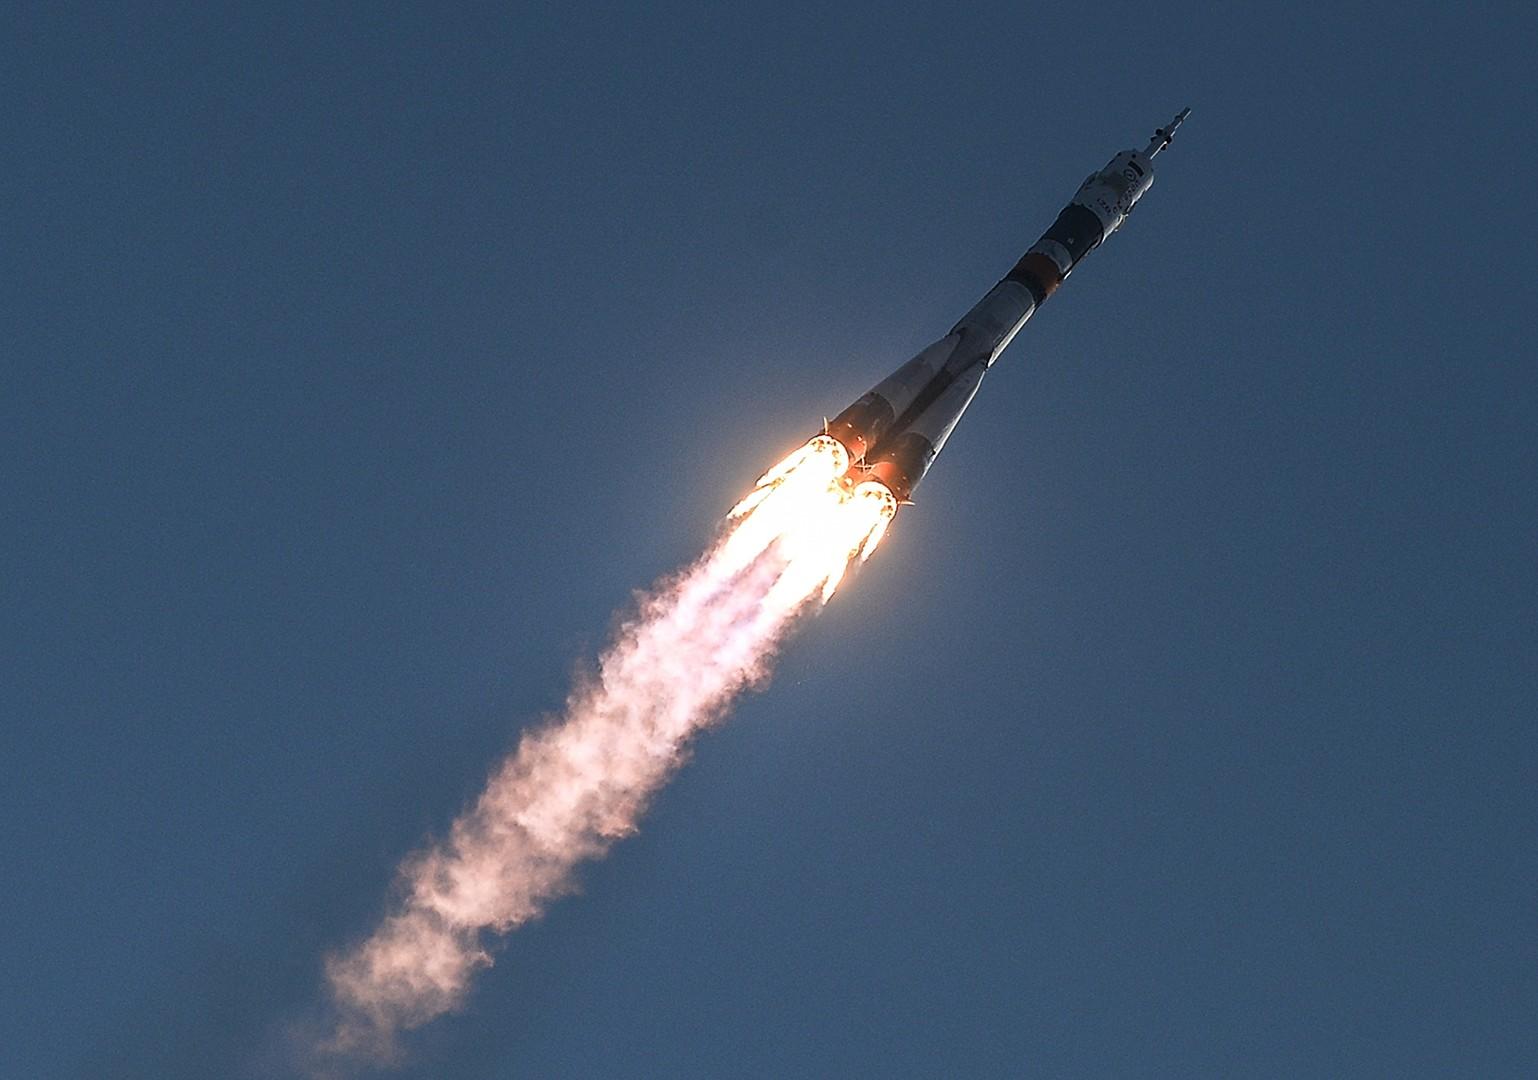 Корабль новой серии «Союз МС» с экипажем впервые пристыковался к МКС